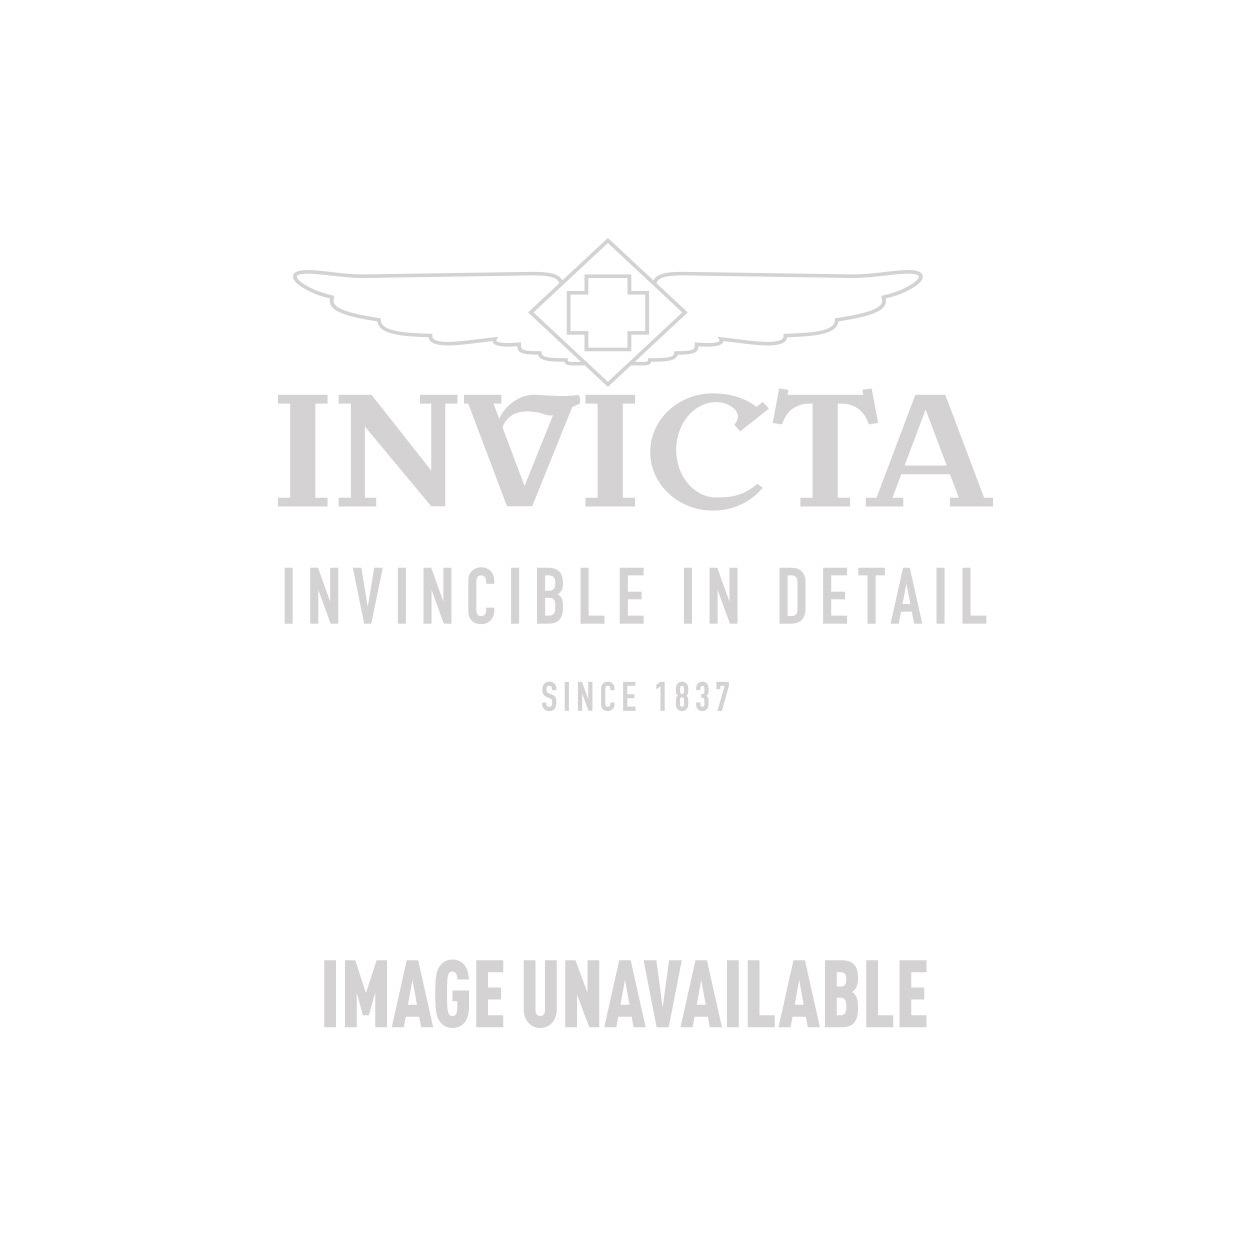 Invicta Model 29419